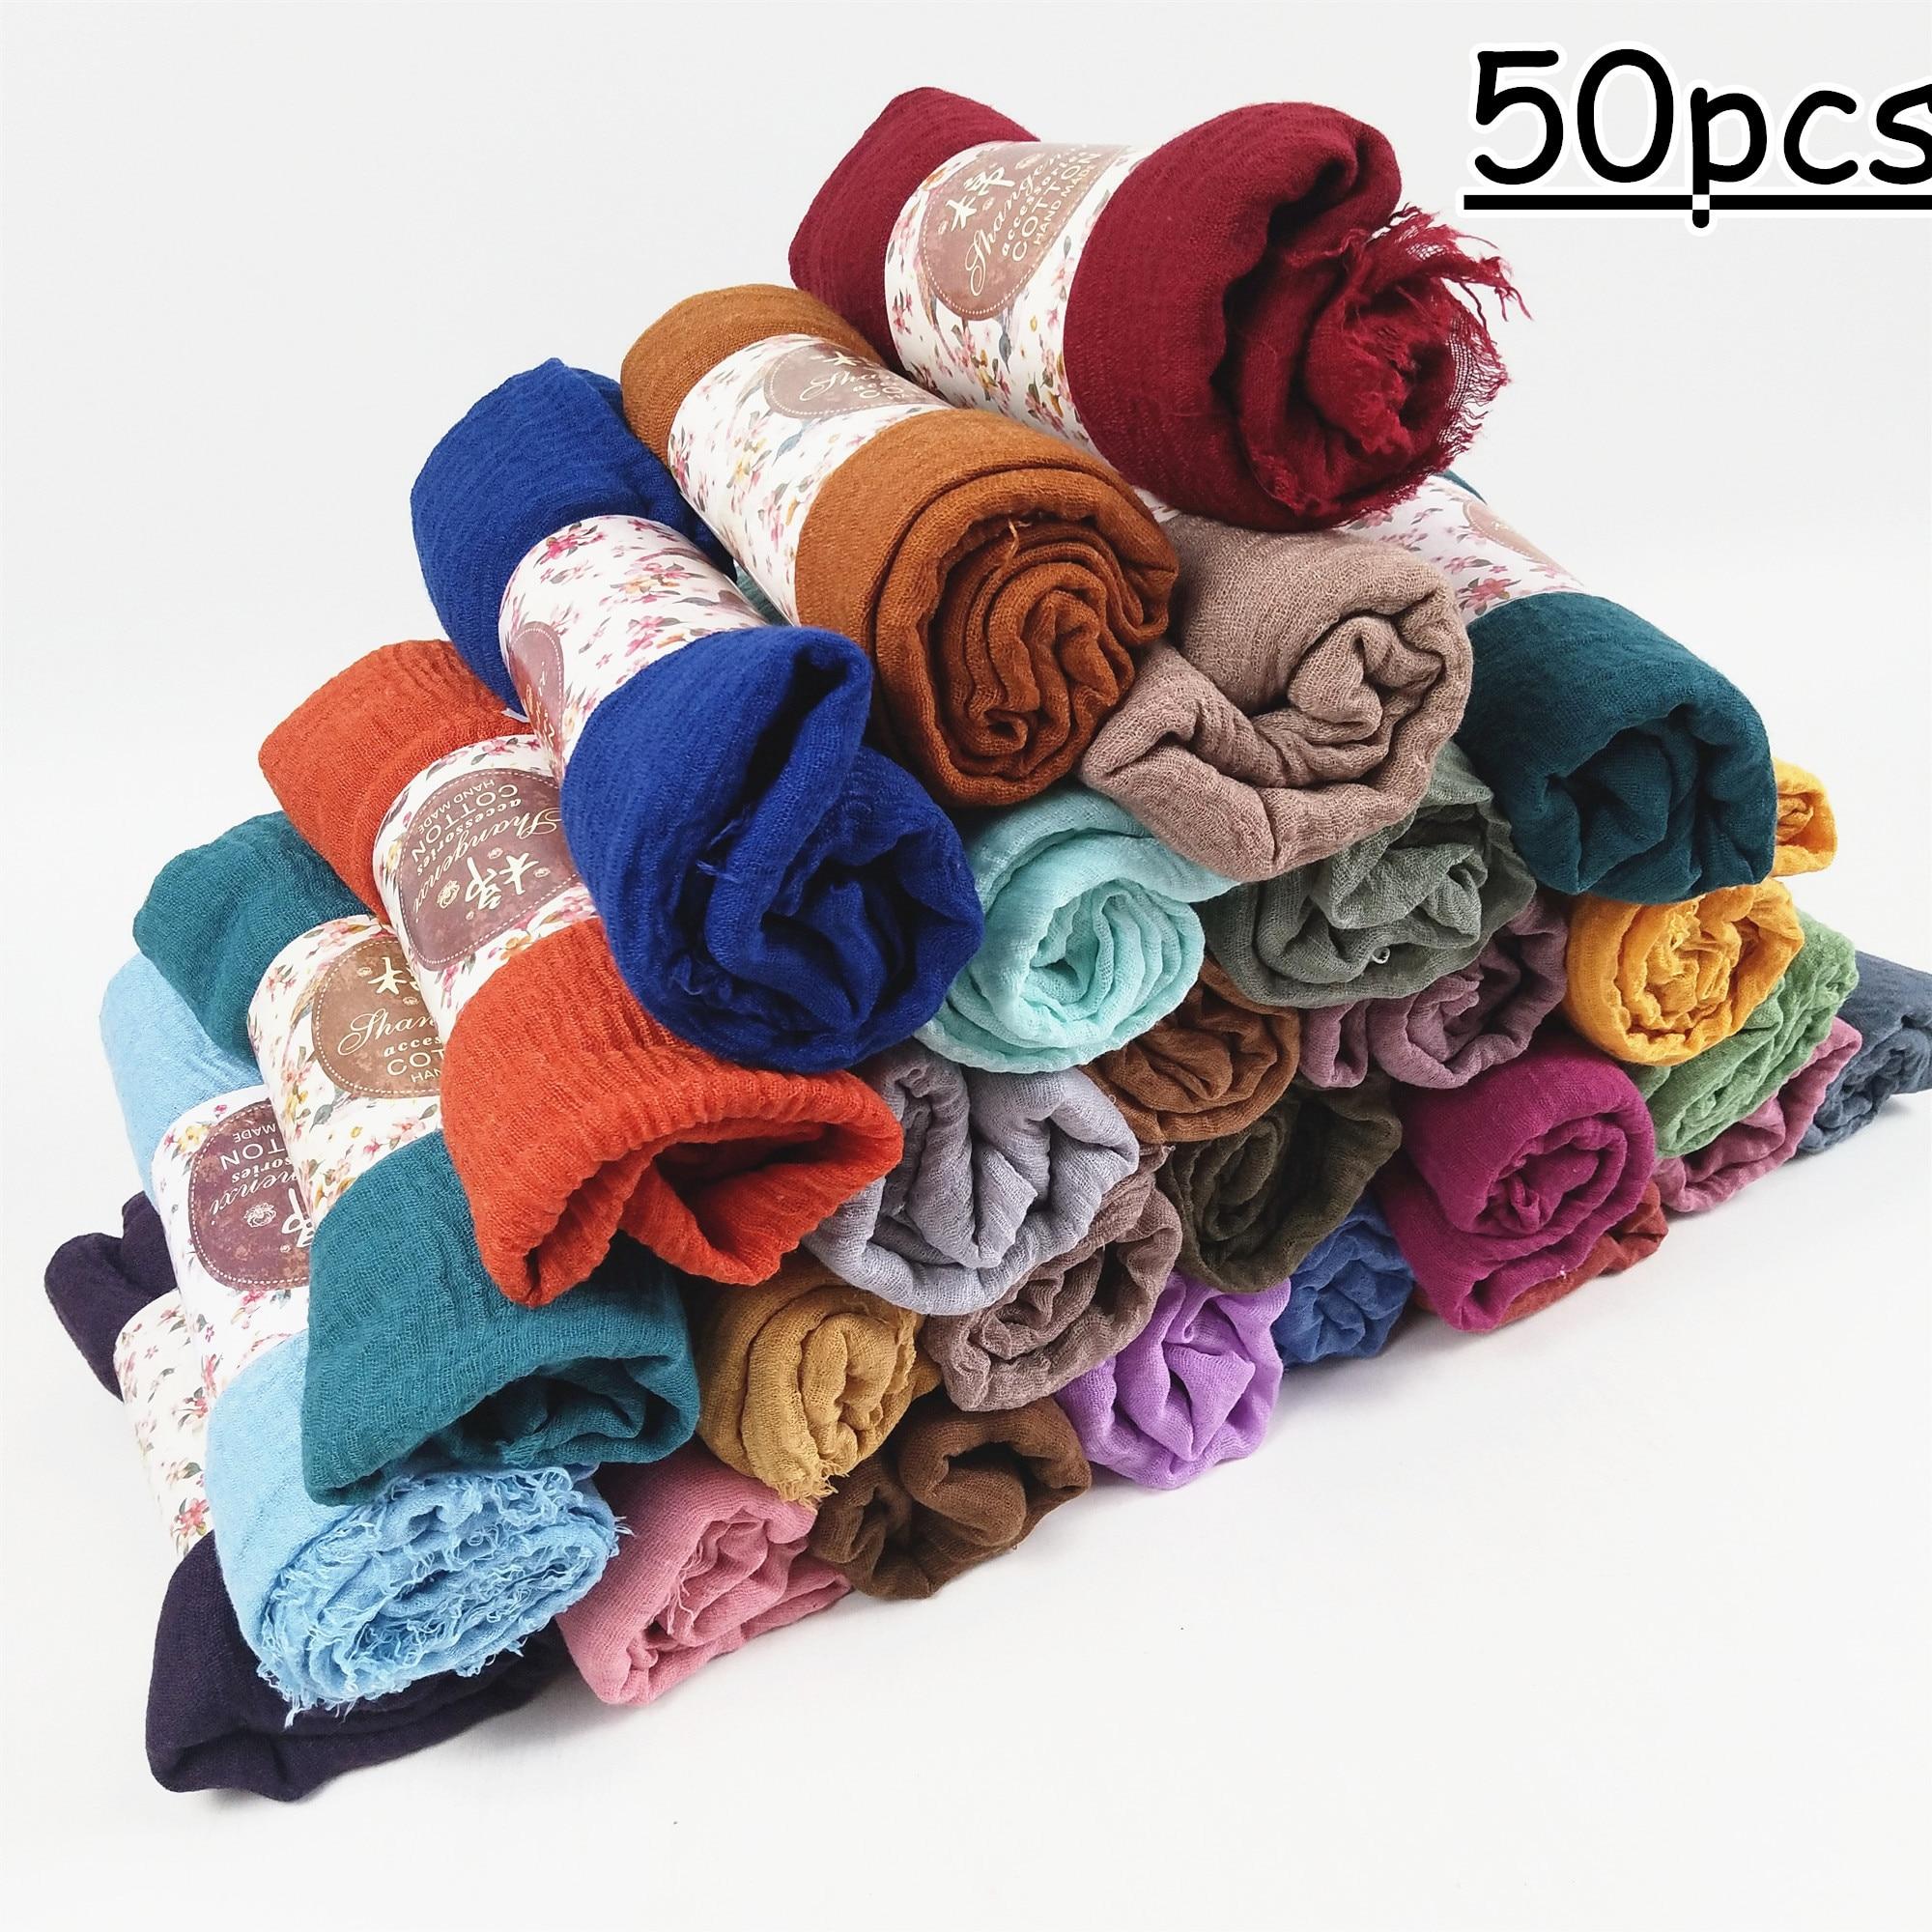 J4 vroče prodajo mehurček navaden šal / šali obrobje ženske mehke trdne hidžabe priljubljene muffler šali velike pashmina zaviti